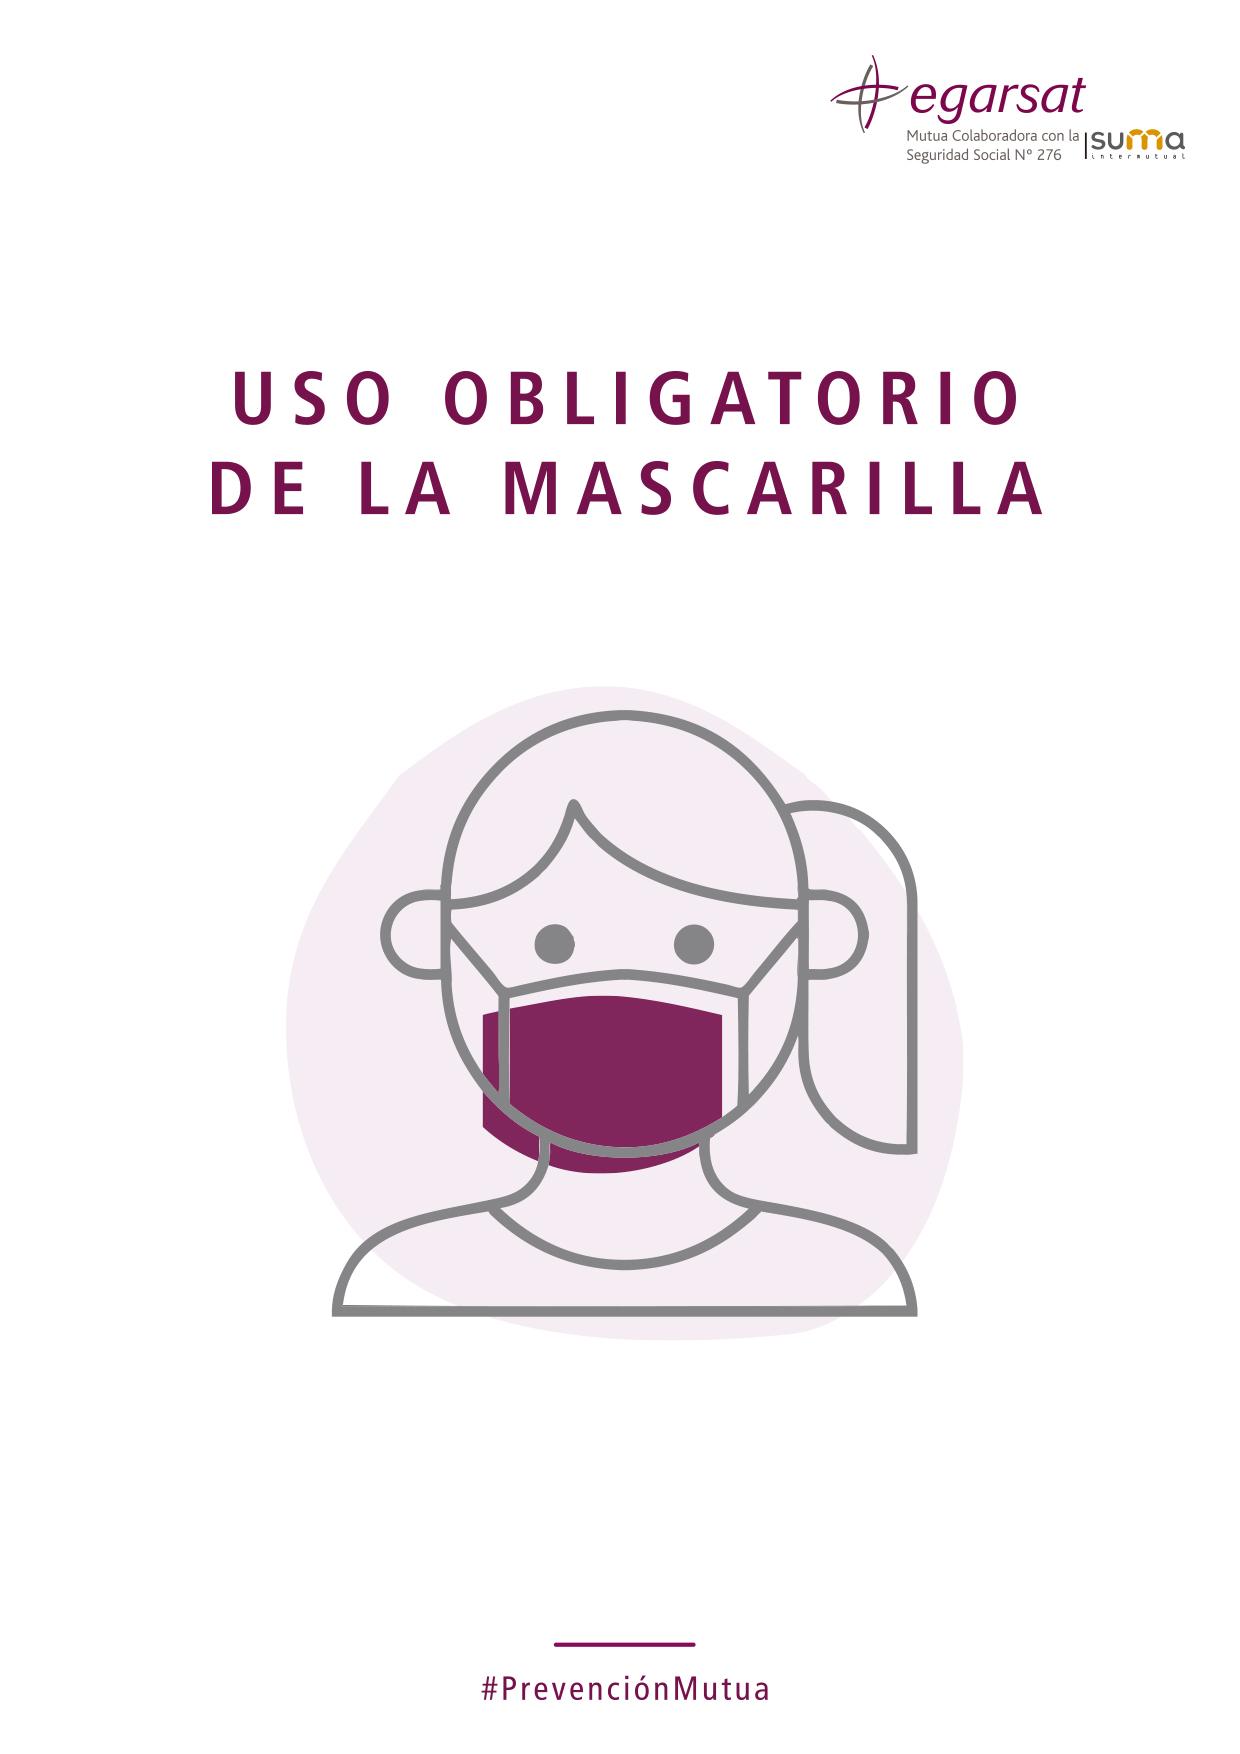 COVID19-CARTEL-Mascarilla